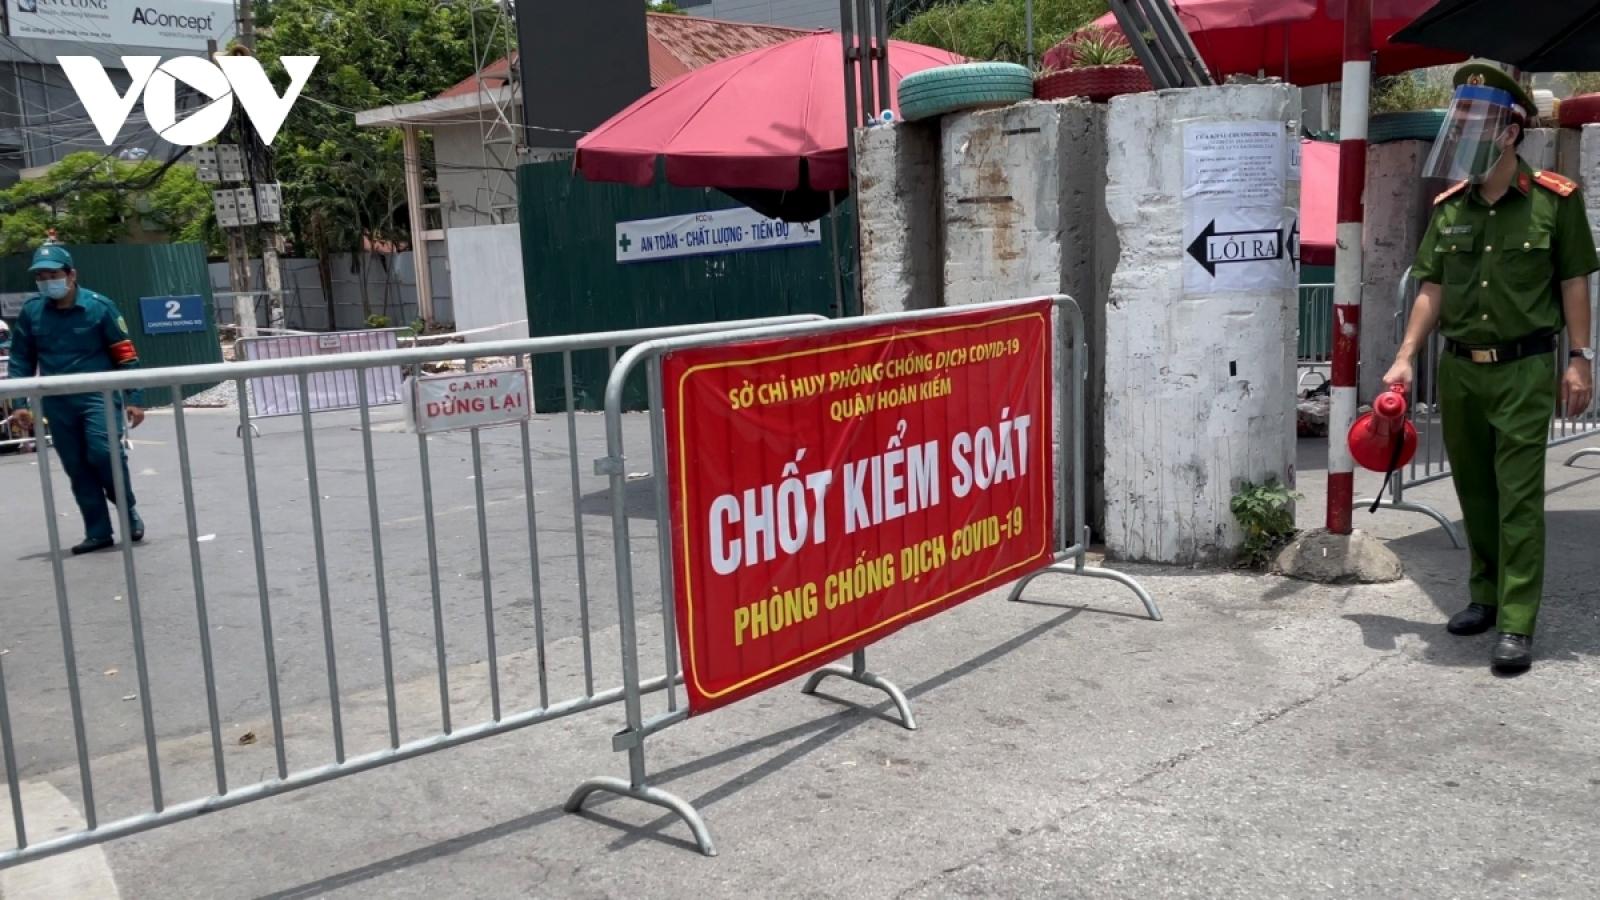 Hà Nội tiếp tục cách ly y tế phường Chương Dương đến 0h ngày 28/8